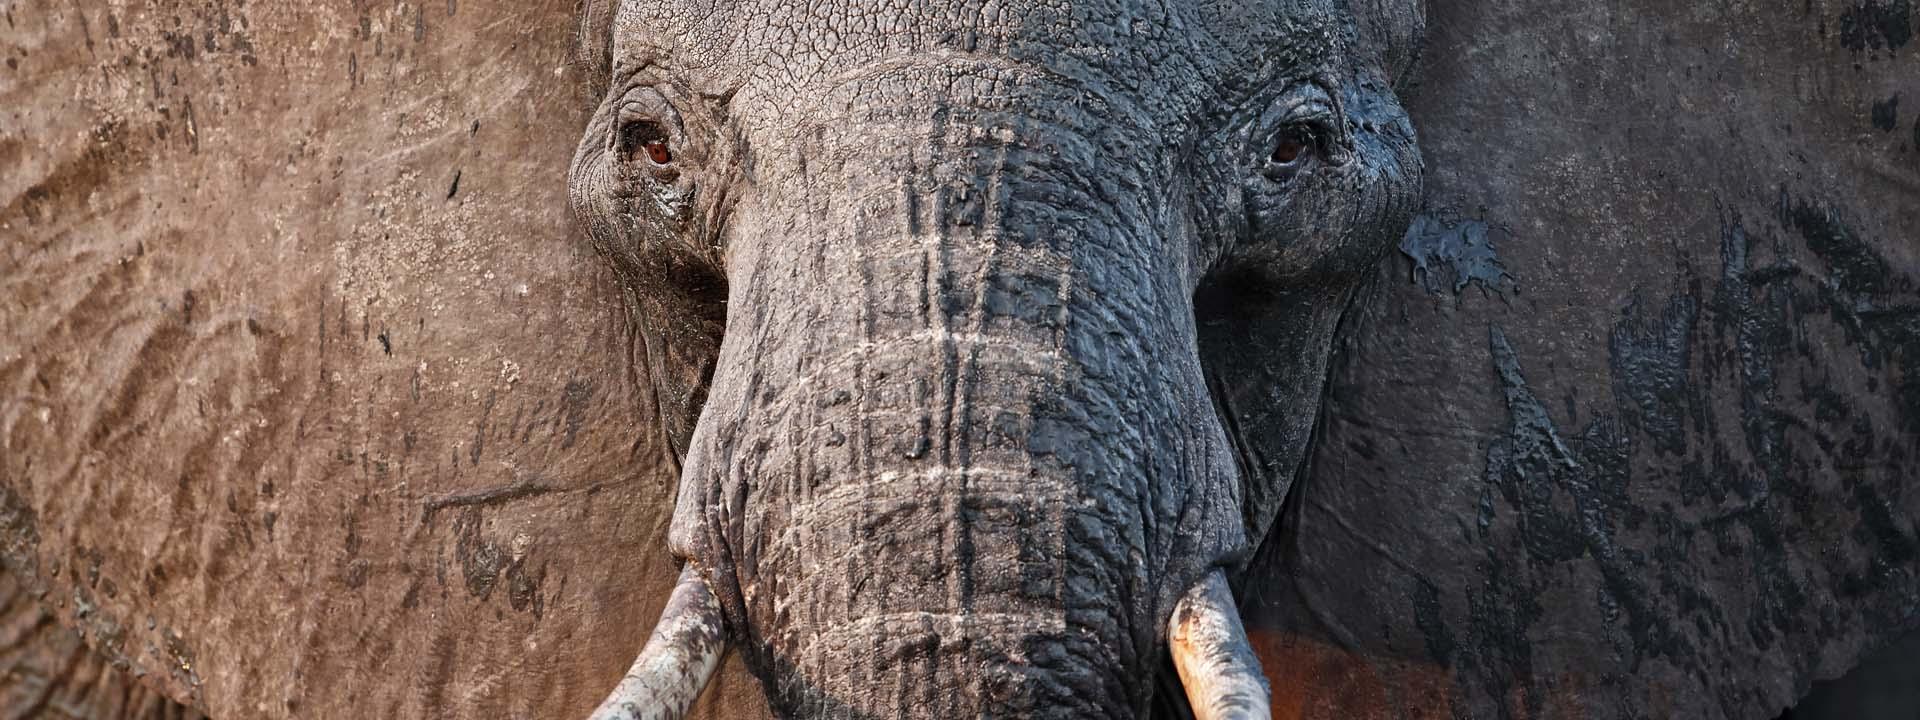 Elefant Hwange